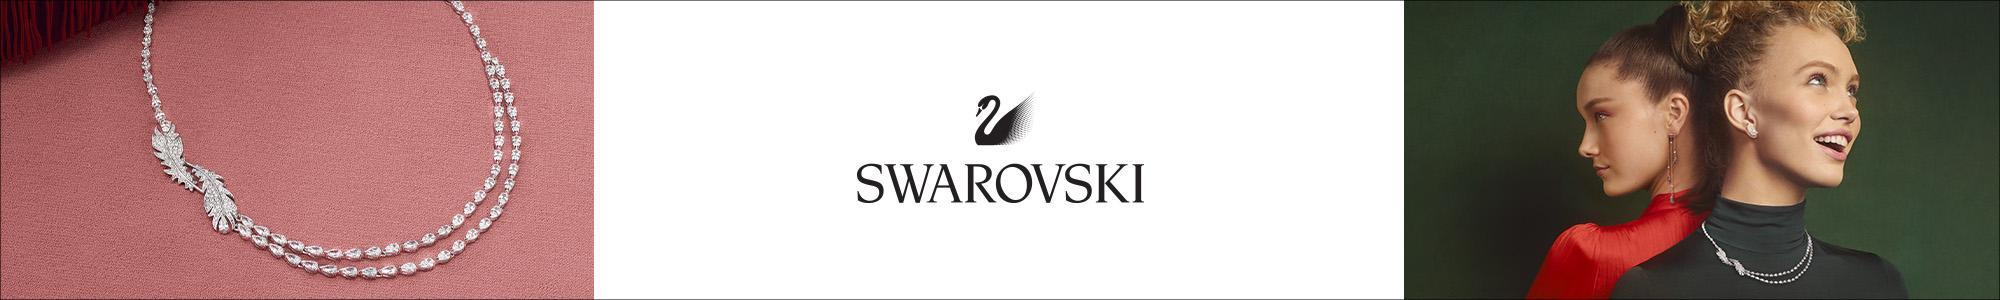 bannière swarovski